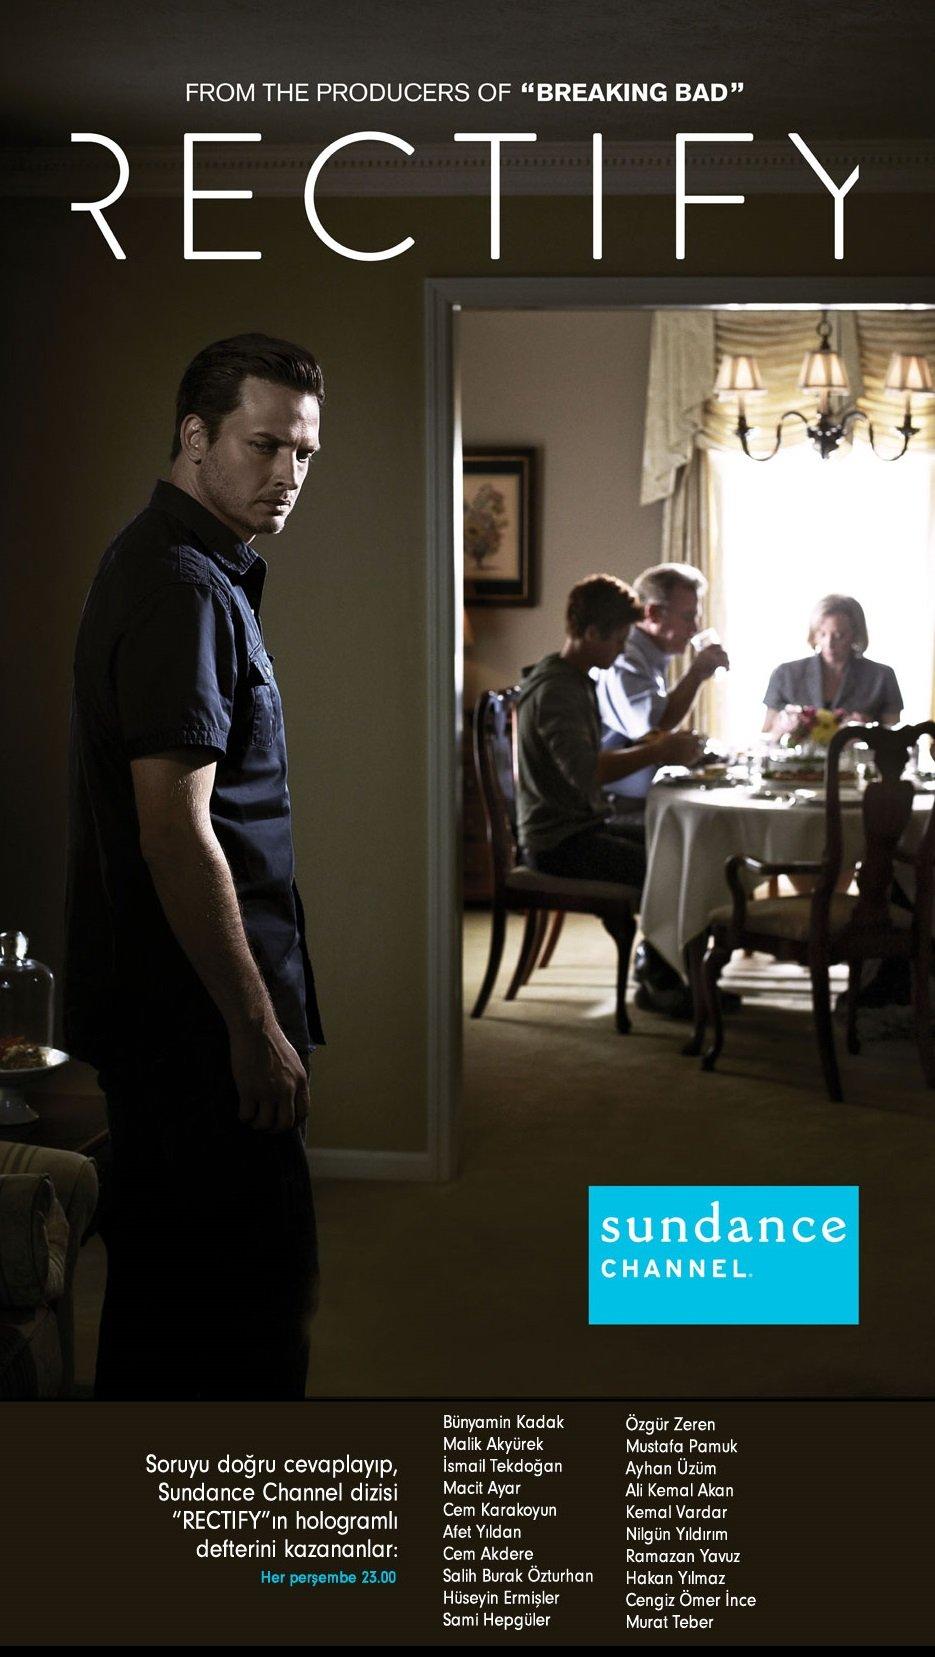 Как SundanceTV прививает любовь к инди-кино и неформатным сериалам | Канобу - Изображение 14